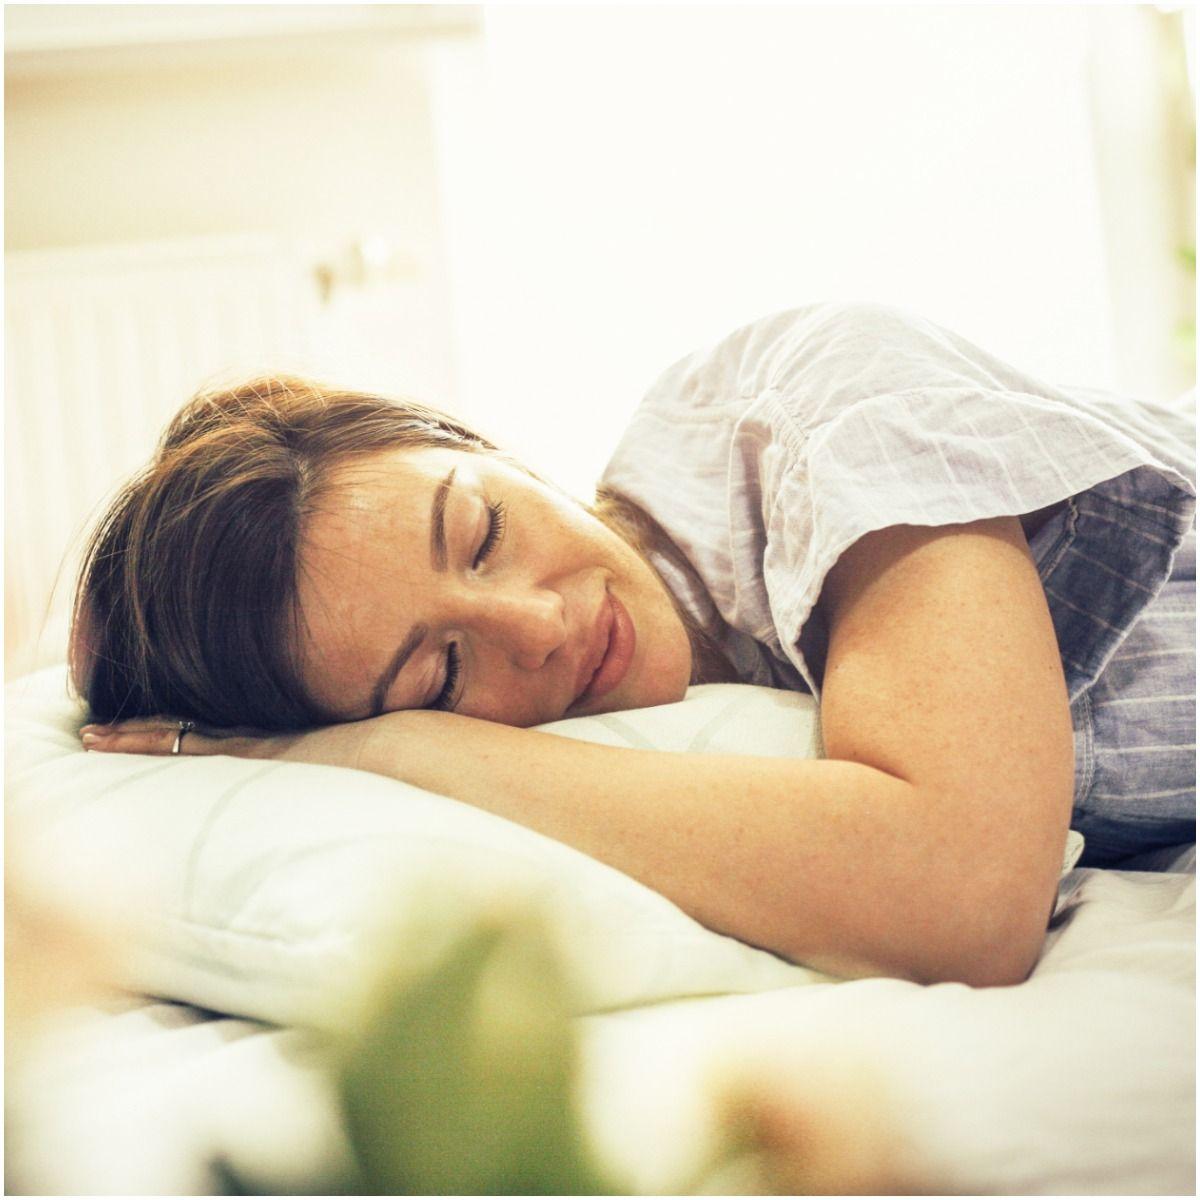 woman sleeping good